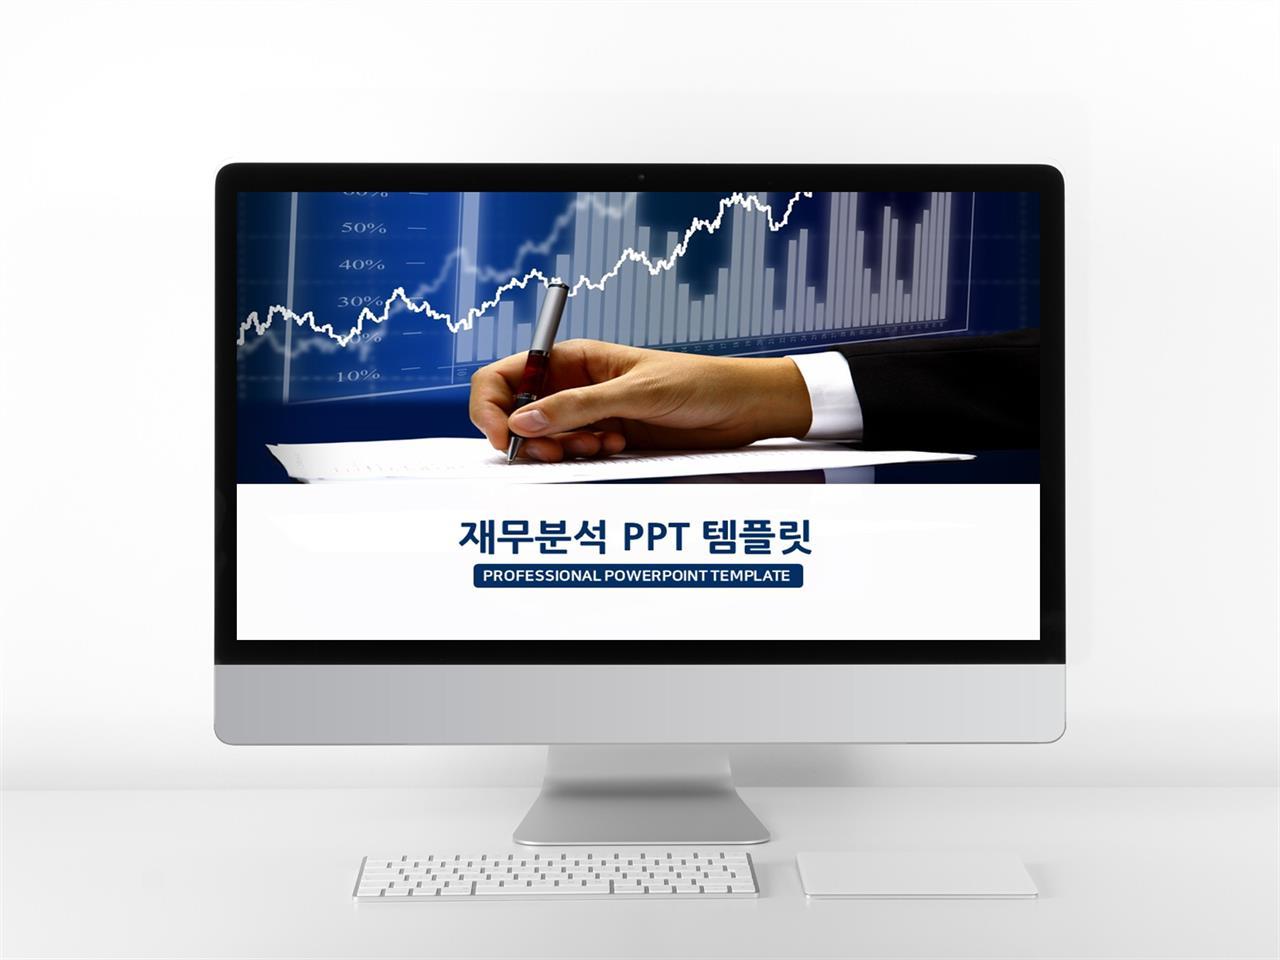 금융투자 블루 폼나는 프레젠테이션 파워포인트테마 만들기 미리보기